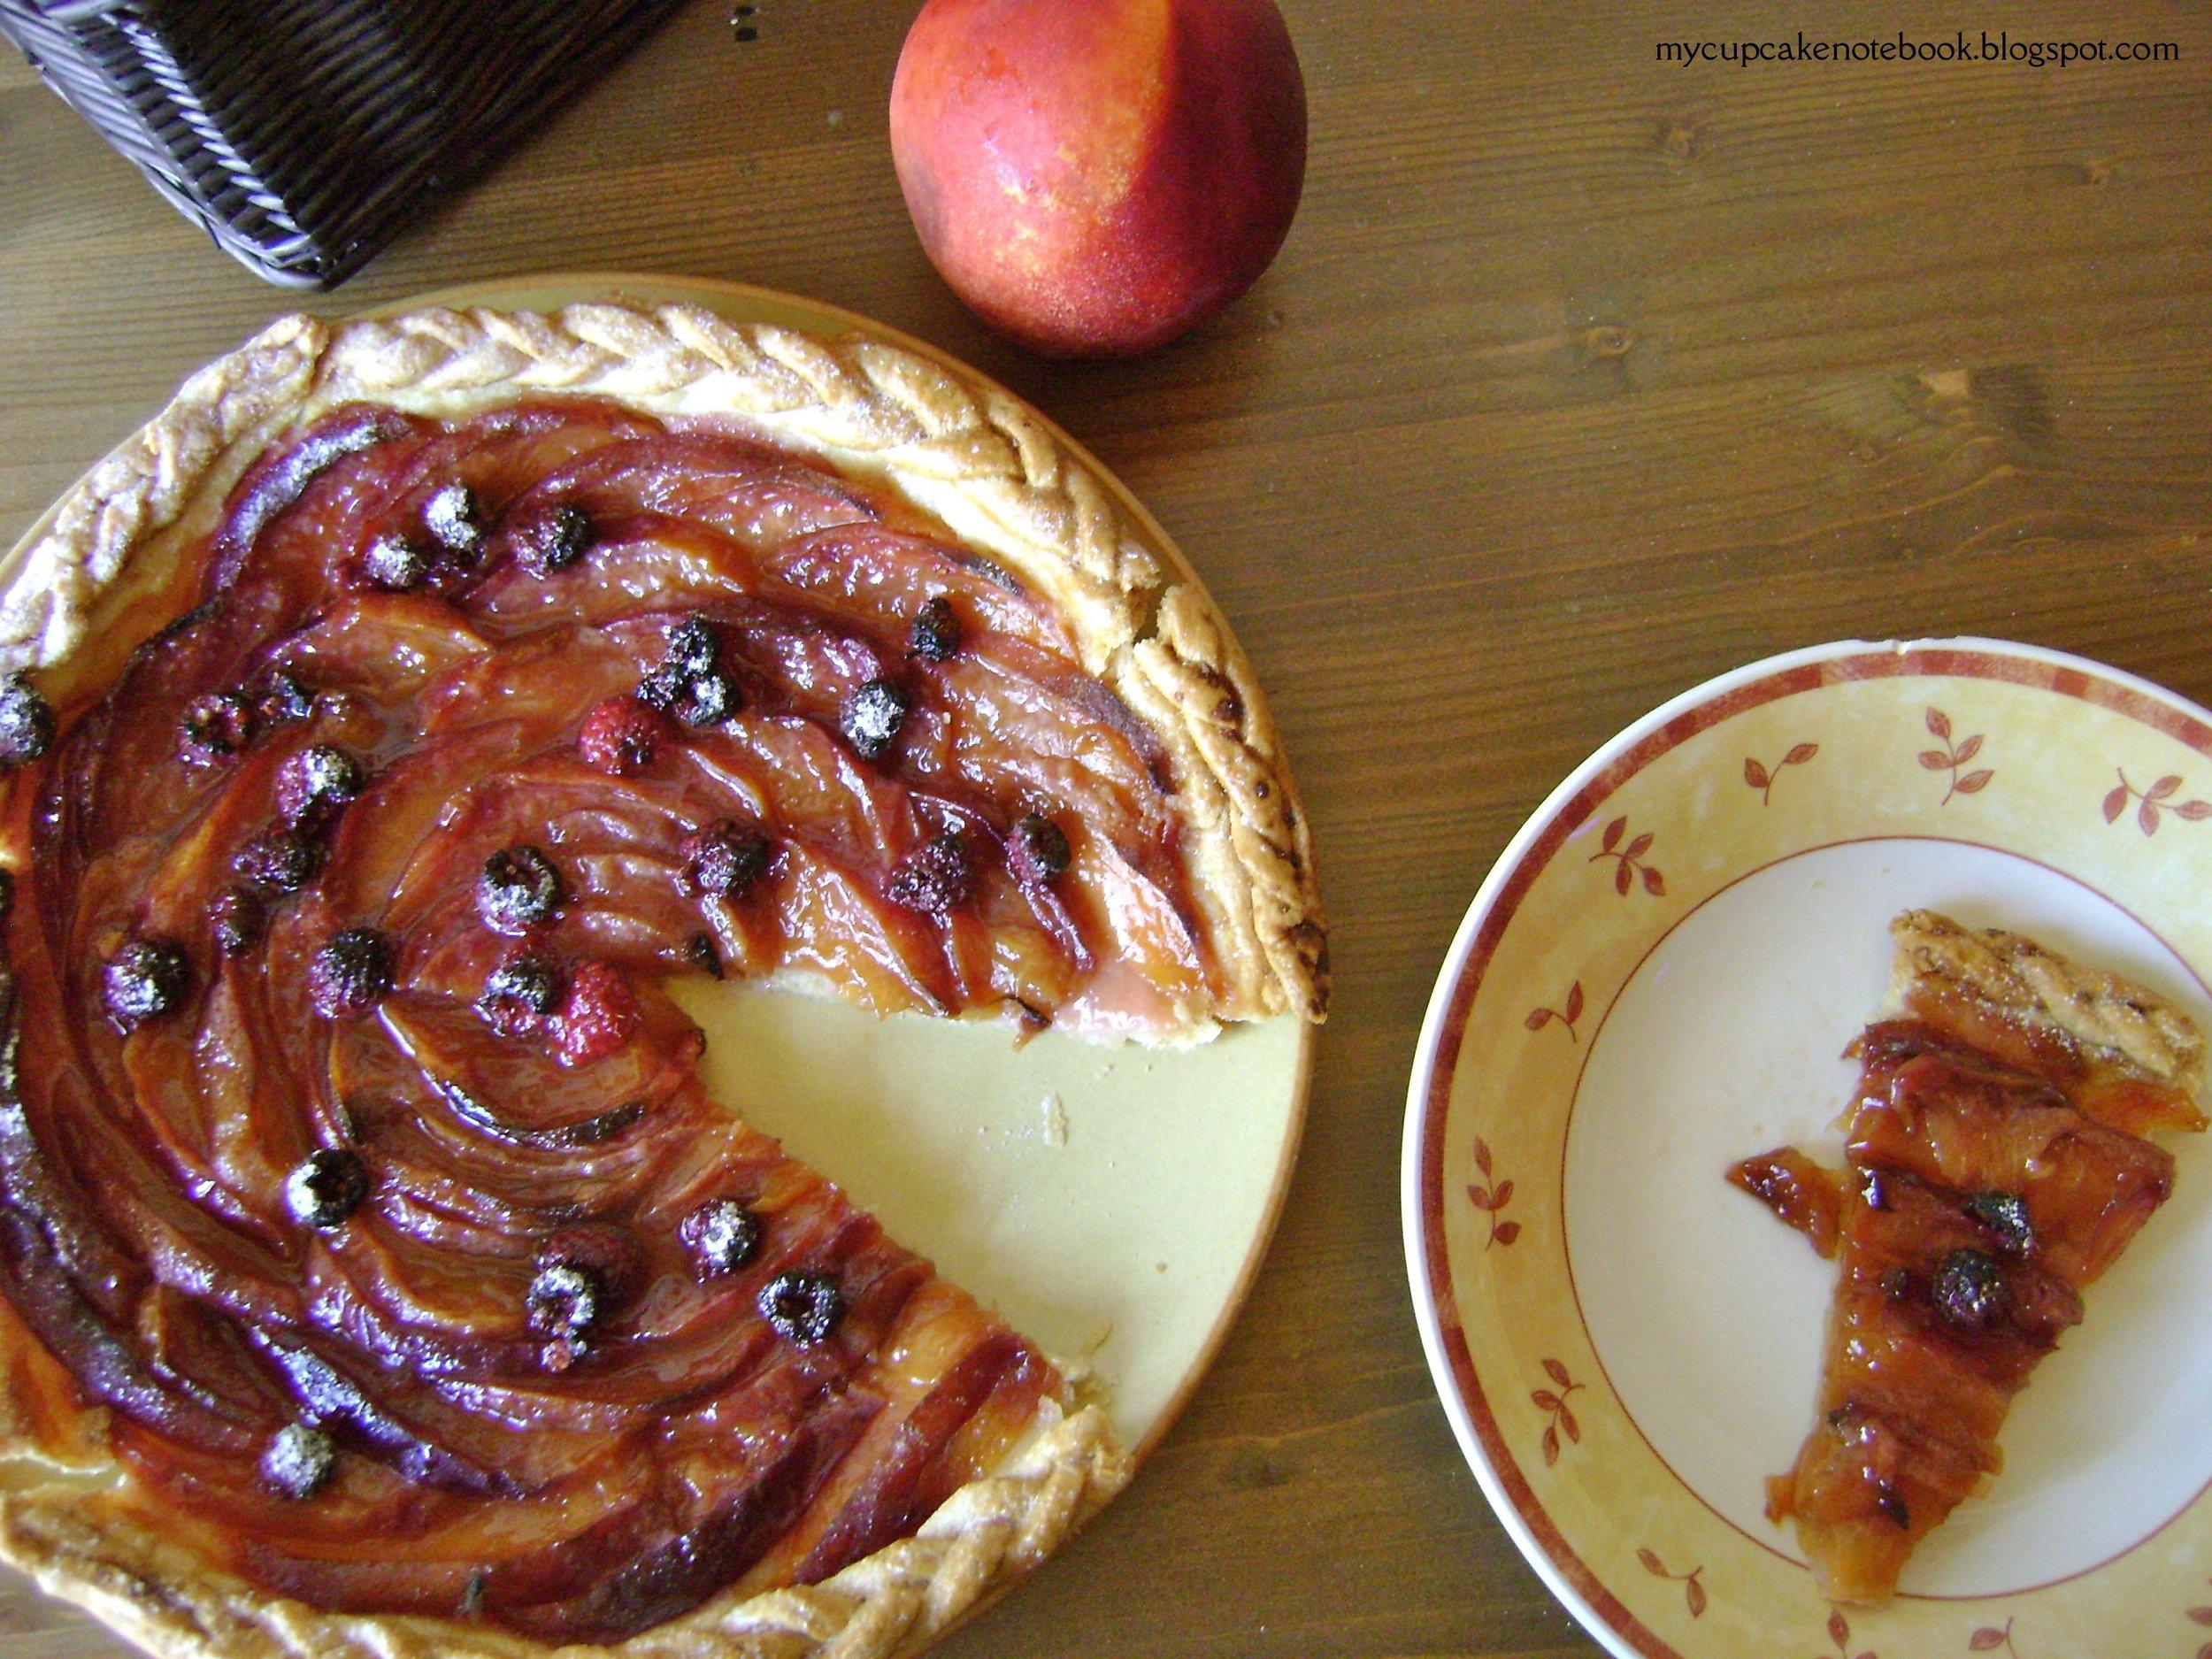 Tarta de nectarinas y frambuesas5.jpg